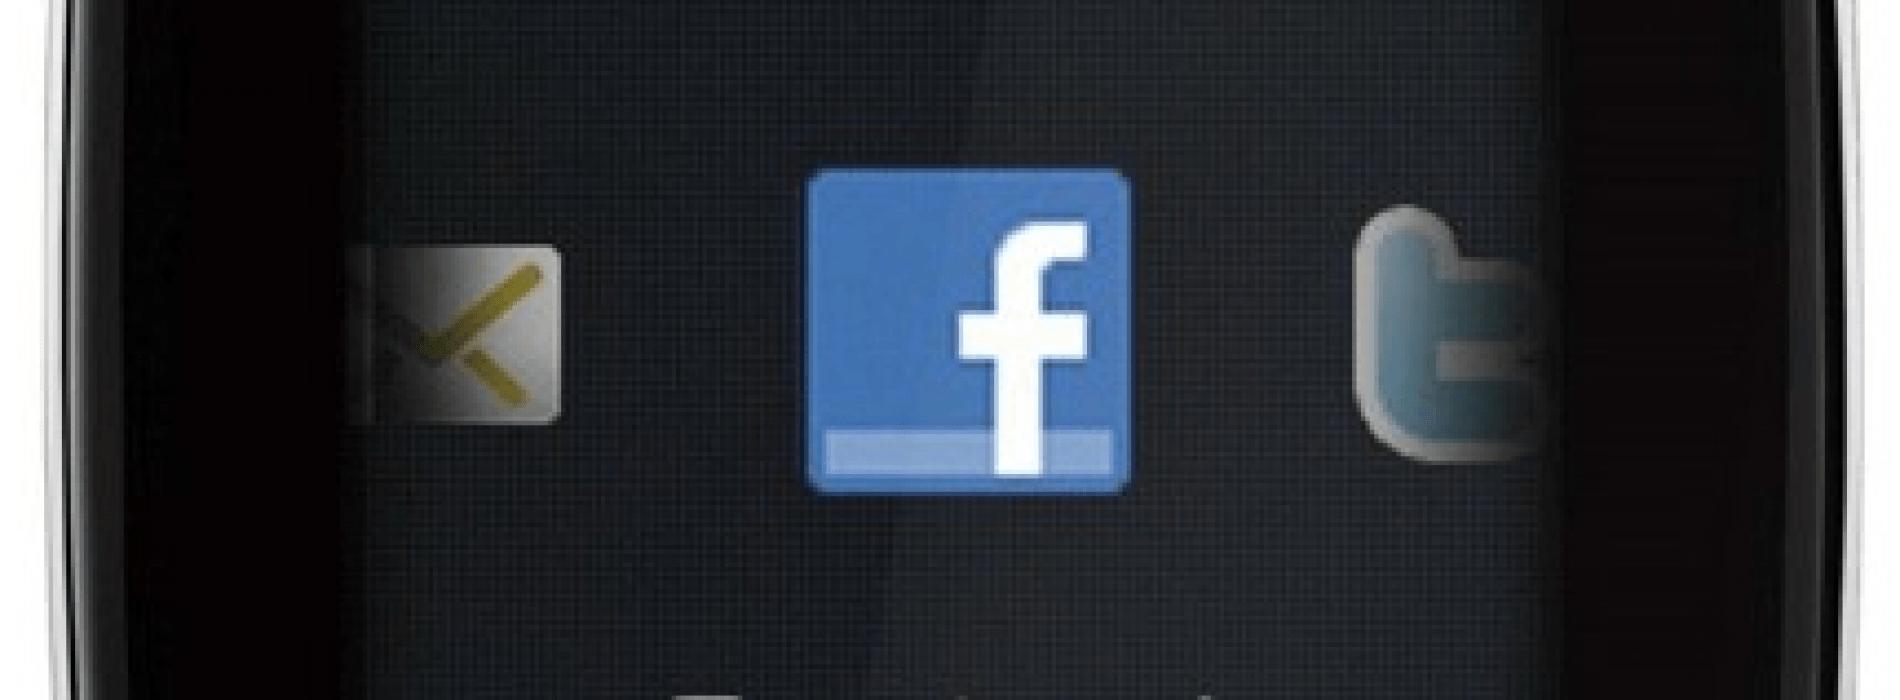 Sony Ericsson LiveView: pone las redes sociales en tu muñeca.